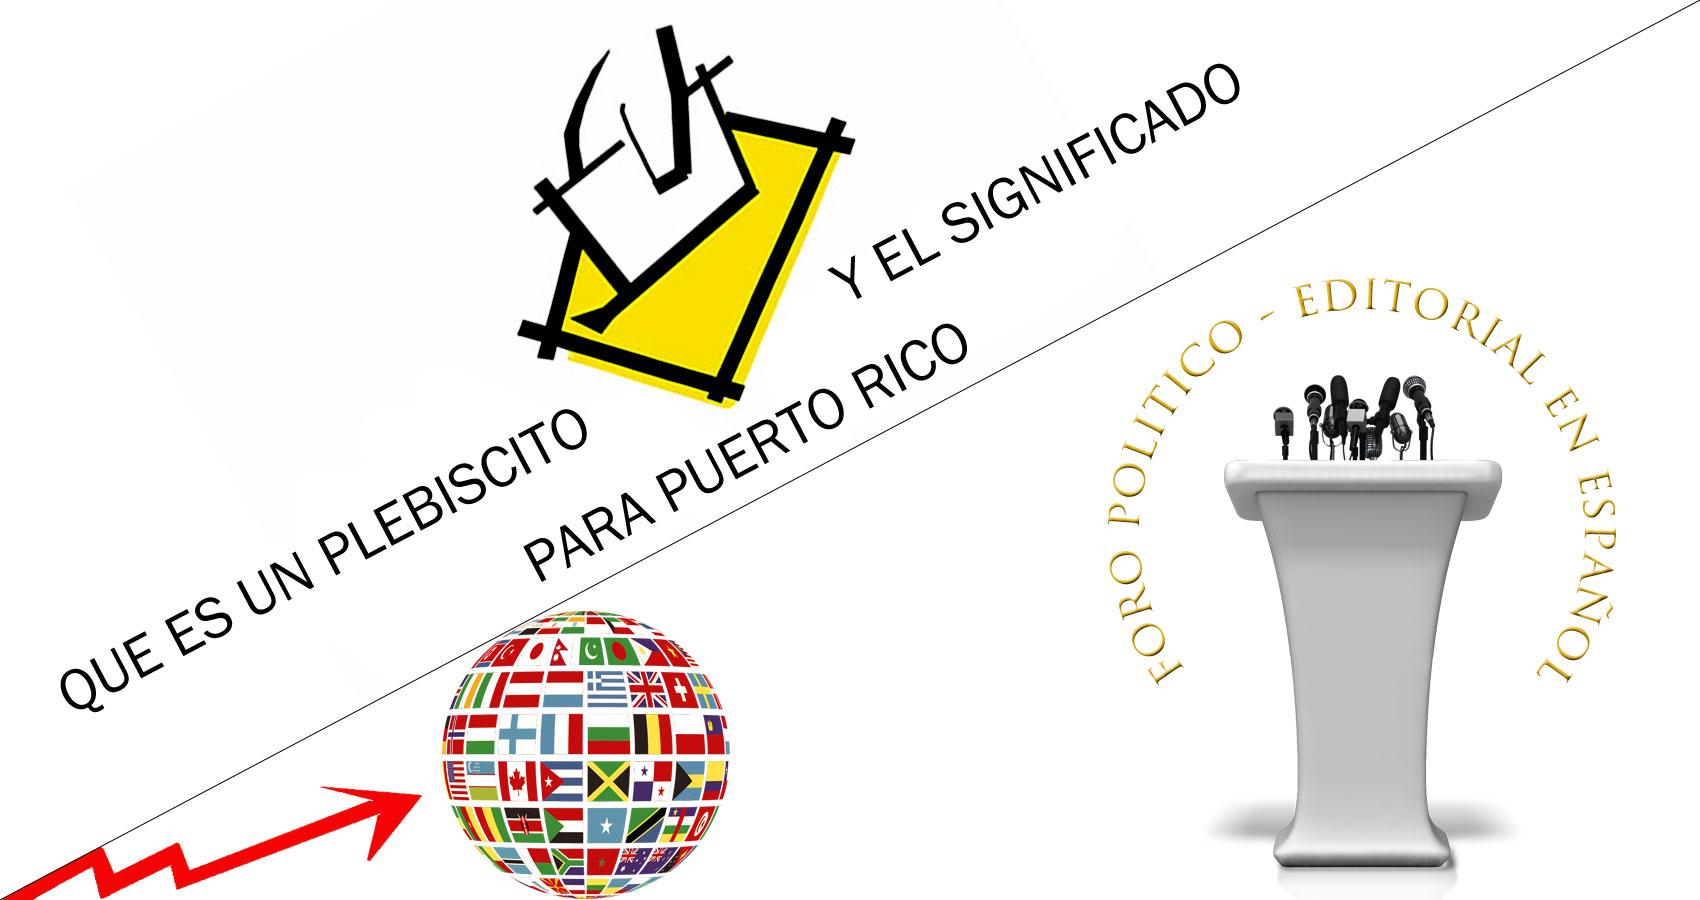 Foro Politico - Que Es Un Plebiscito Y El Significado Para Puerto Rico, by José A. Gómez at Spillwords.com